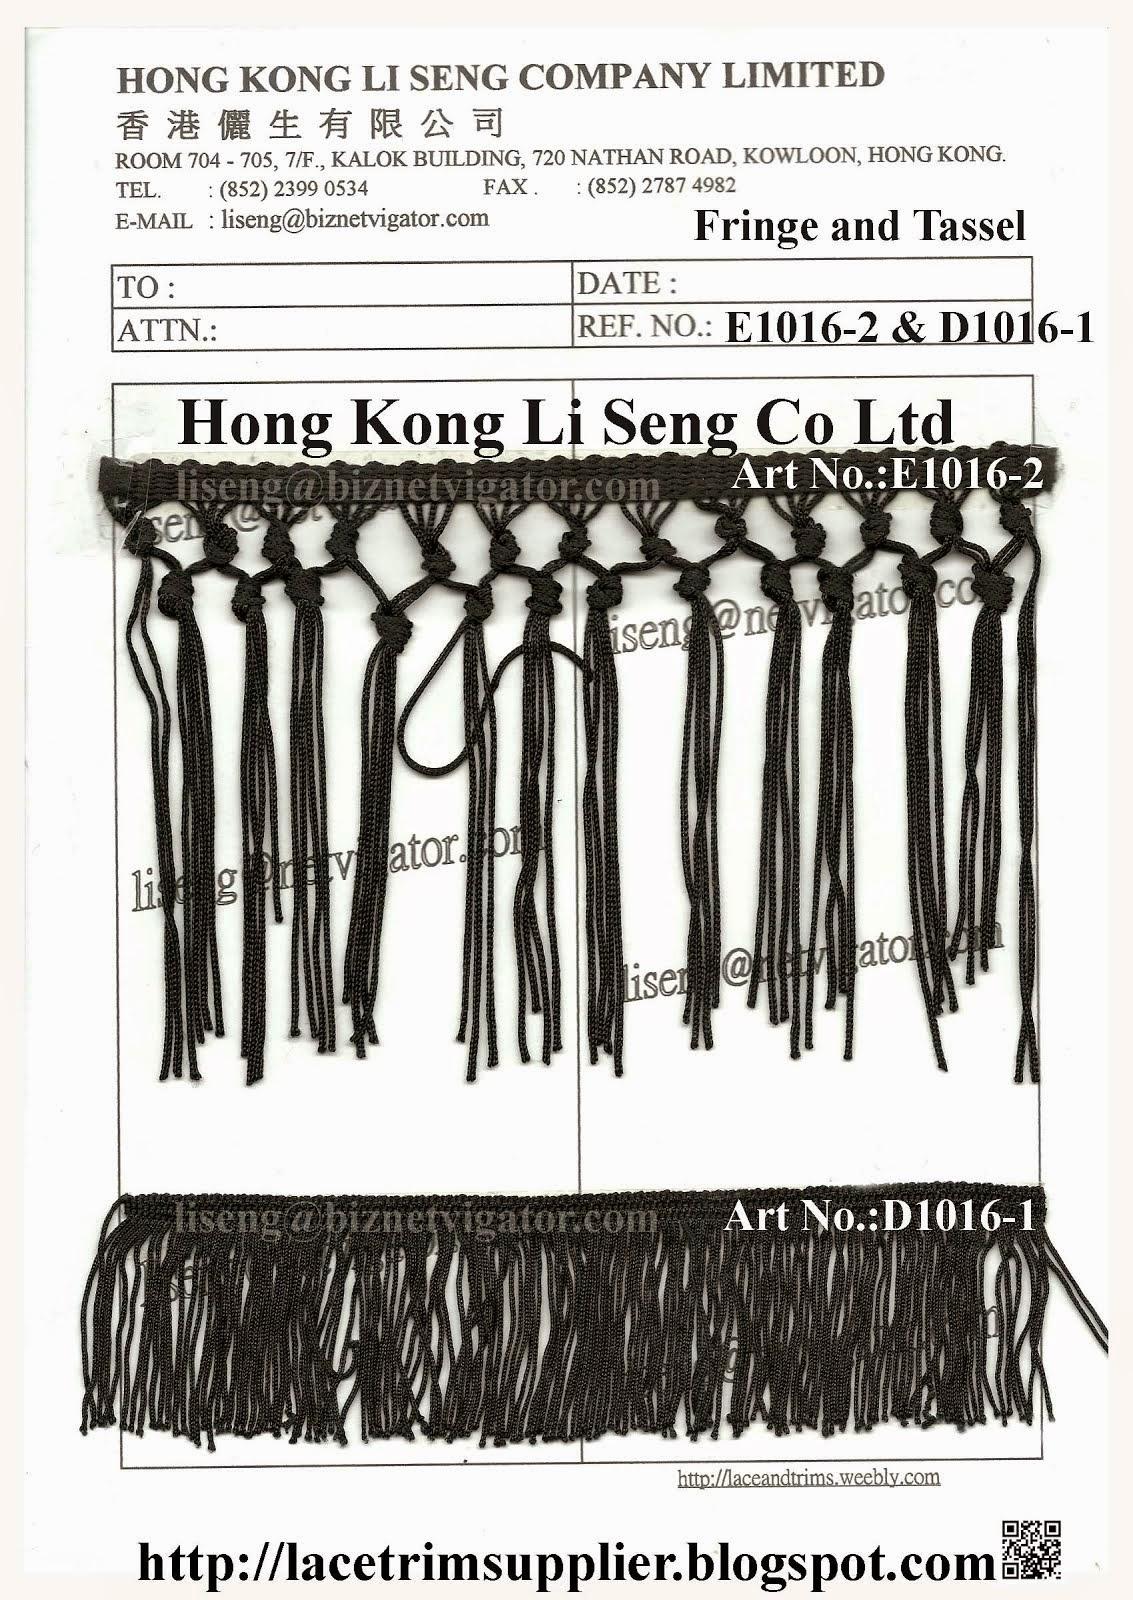 Fringe and Tassel Manufacturer Wholesale Supplier - Hong Kong Li Seng Co Ltd